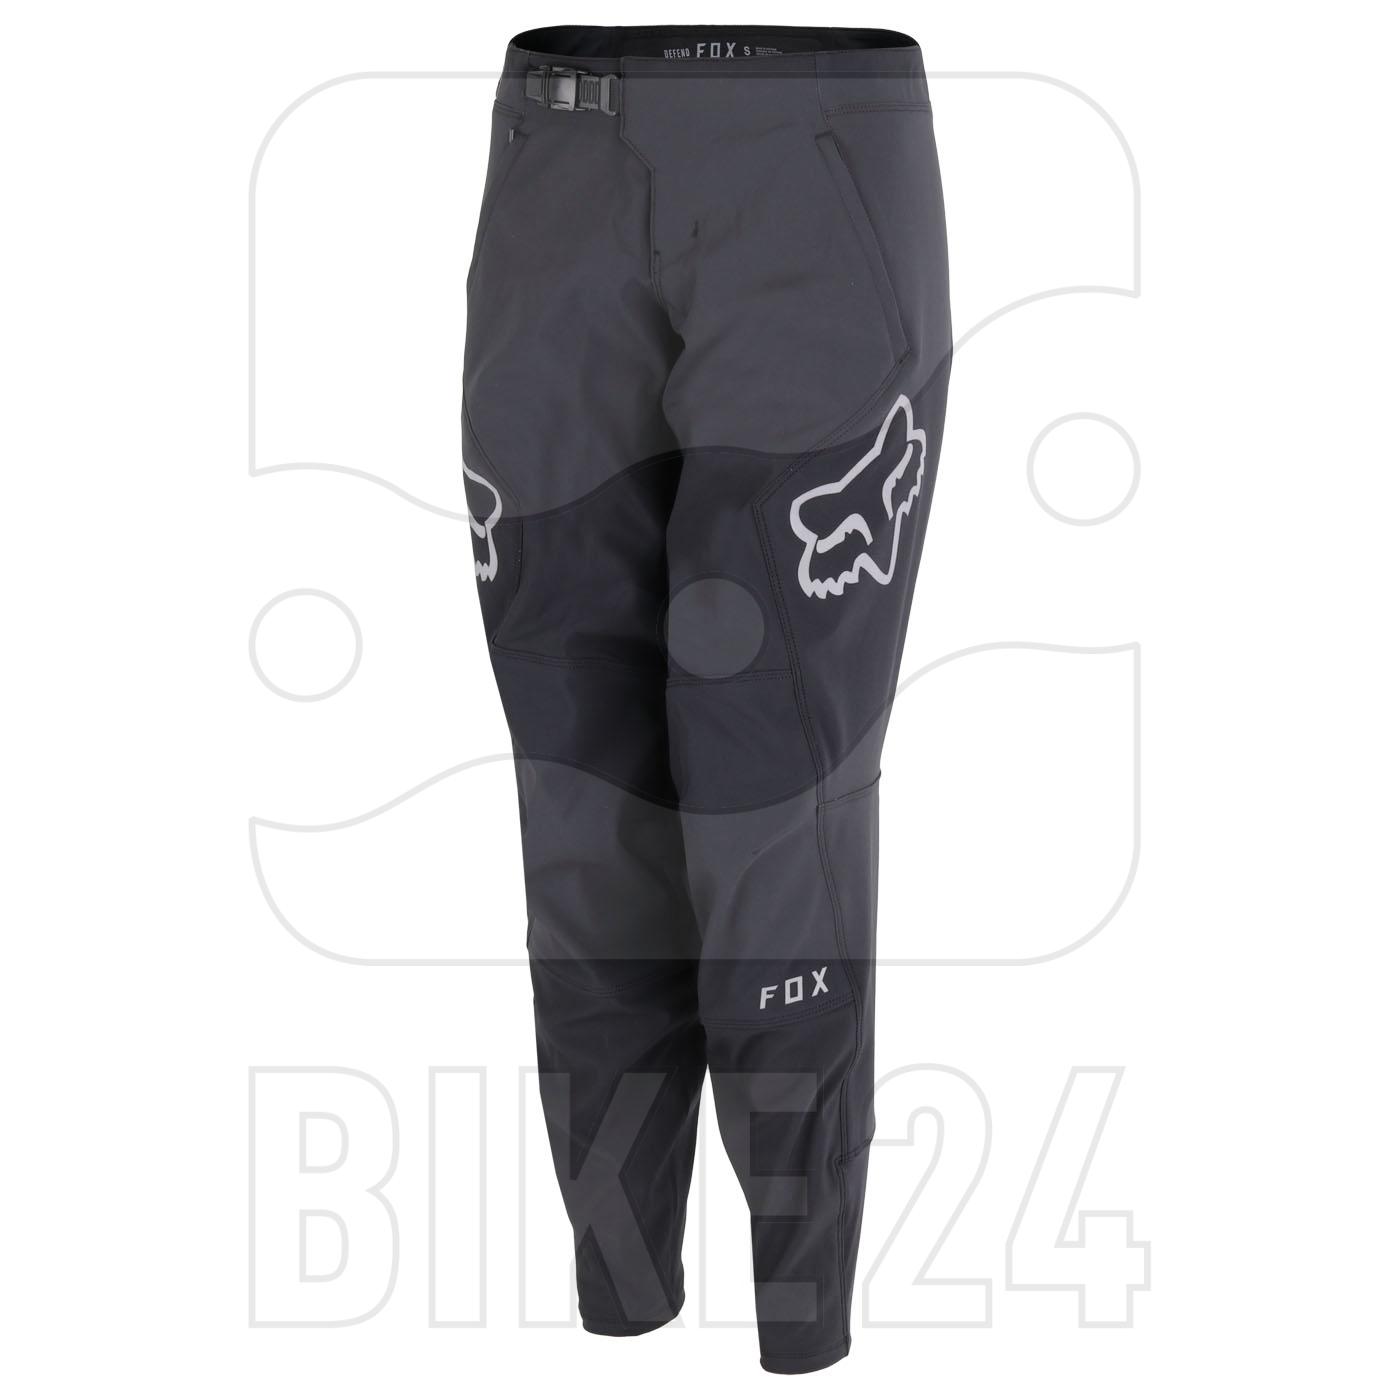 Fox Defend MTB Damenhose - black